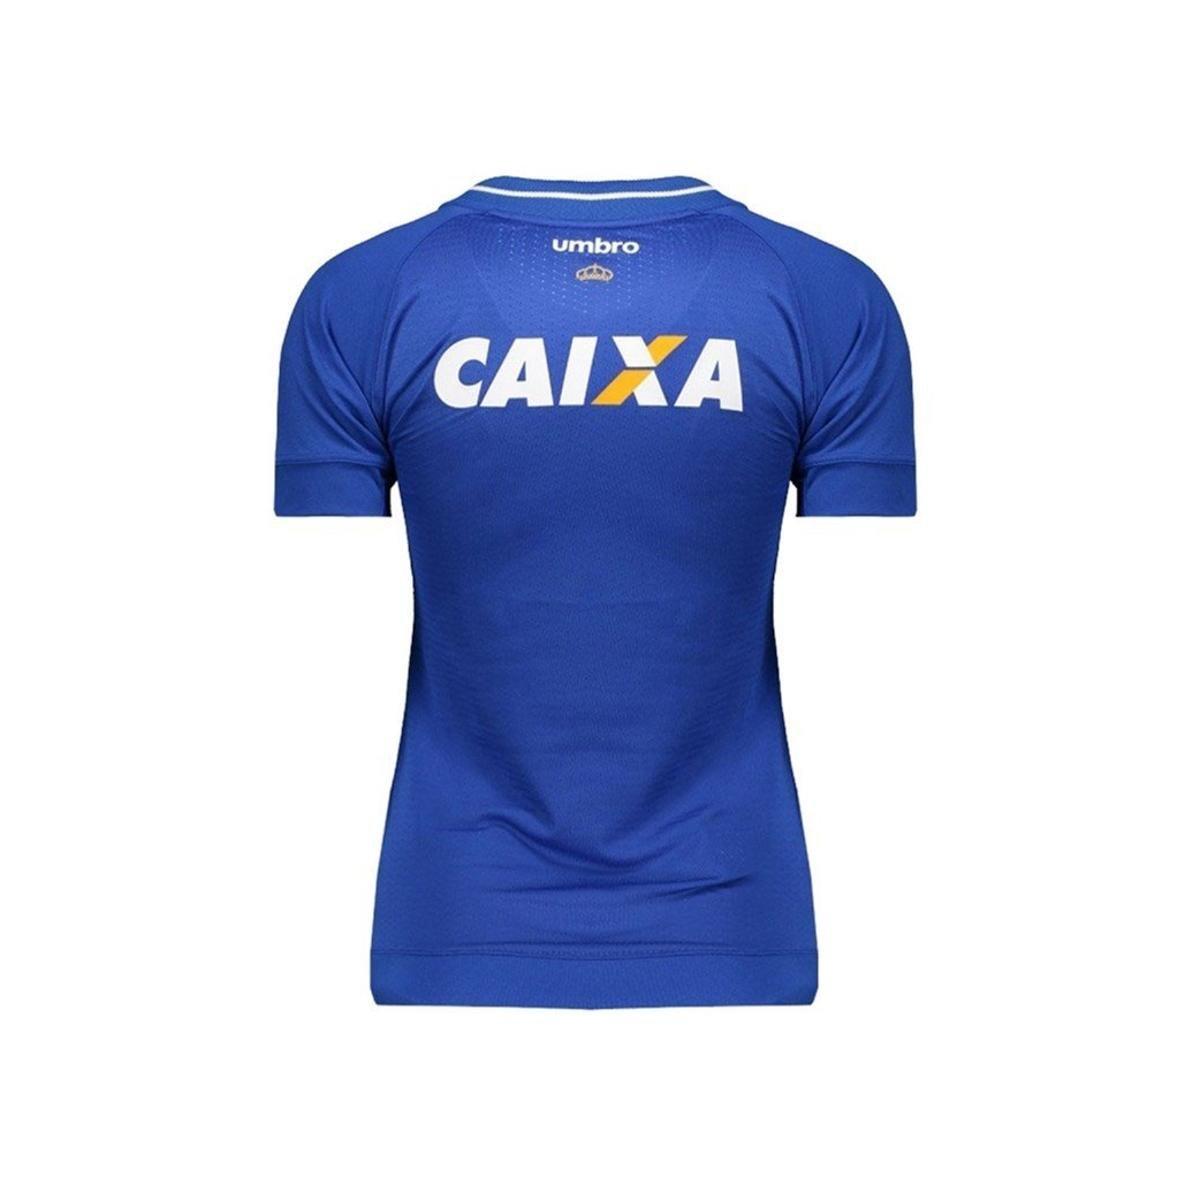 Camisa Cruzeiro I 17 18 S Nº Torcedor Umbro Feminina - Compre Agora ... 7efcd1b98531b